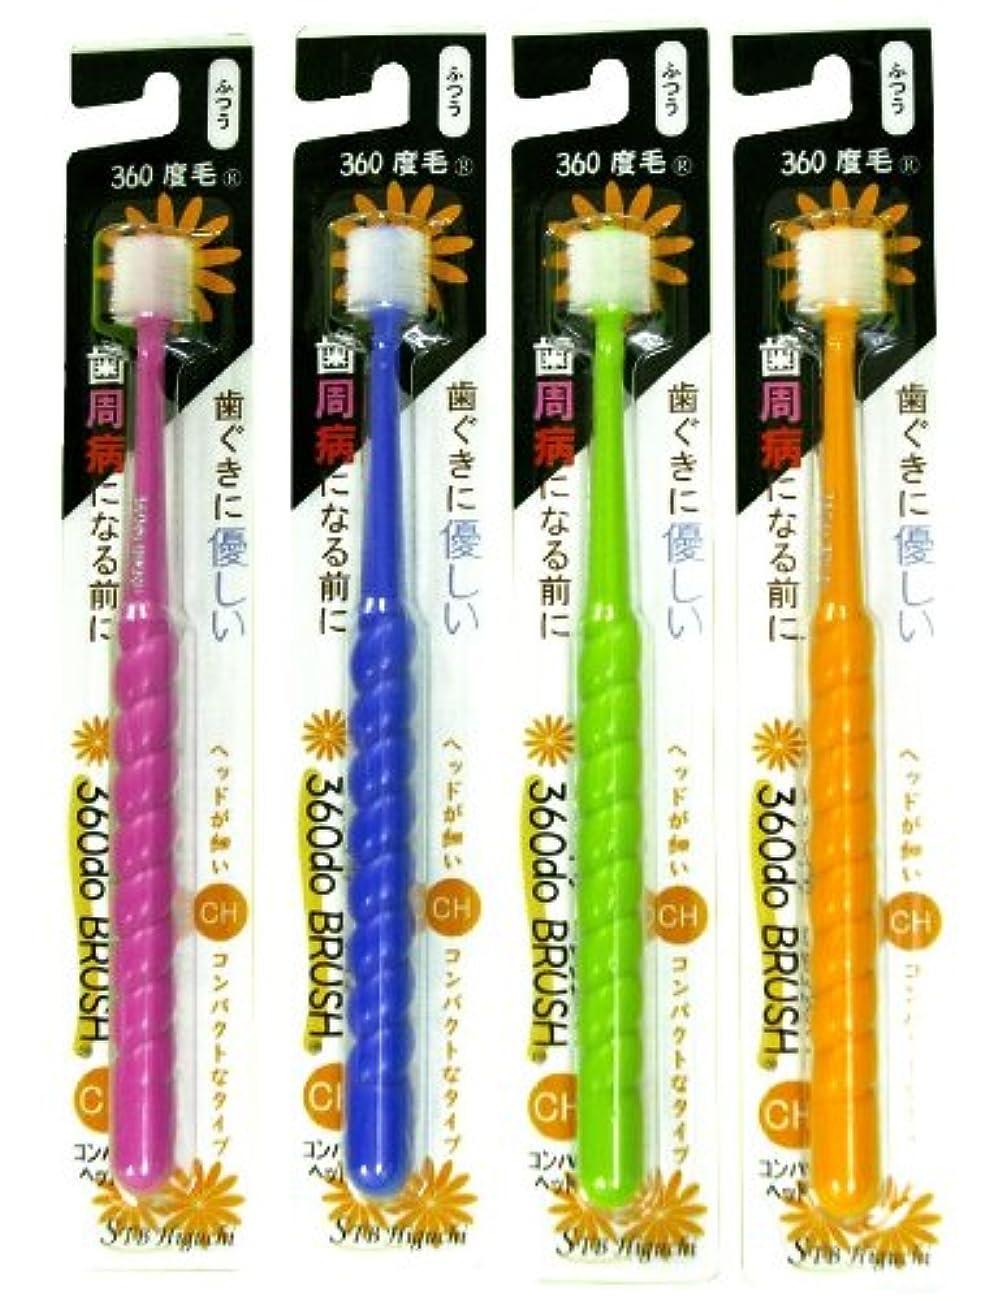 プレビスサイト担当者せがむ360度歯ブラシ 360do BRUSH コンパクトヘッド(CH)(カラーは1色おまかせ)